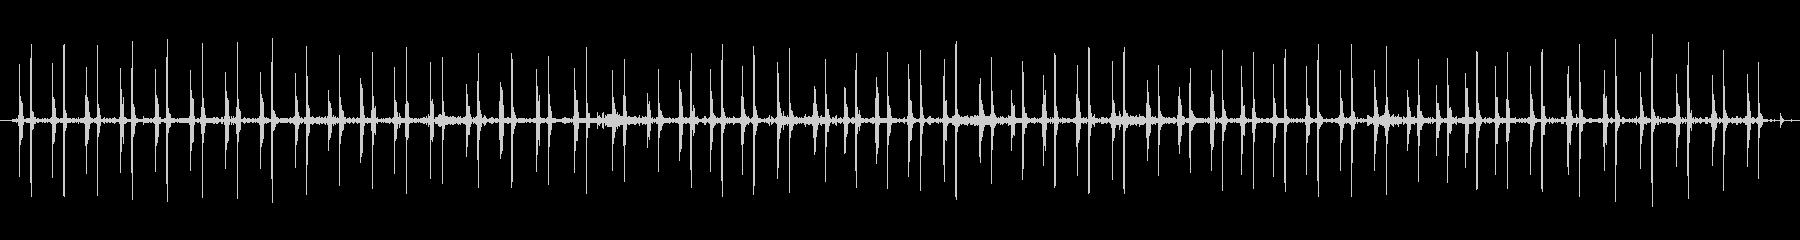 ハートビート、58 BPM、病院、...の未再生の波形